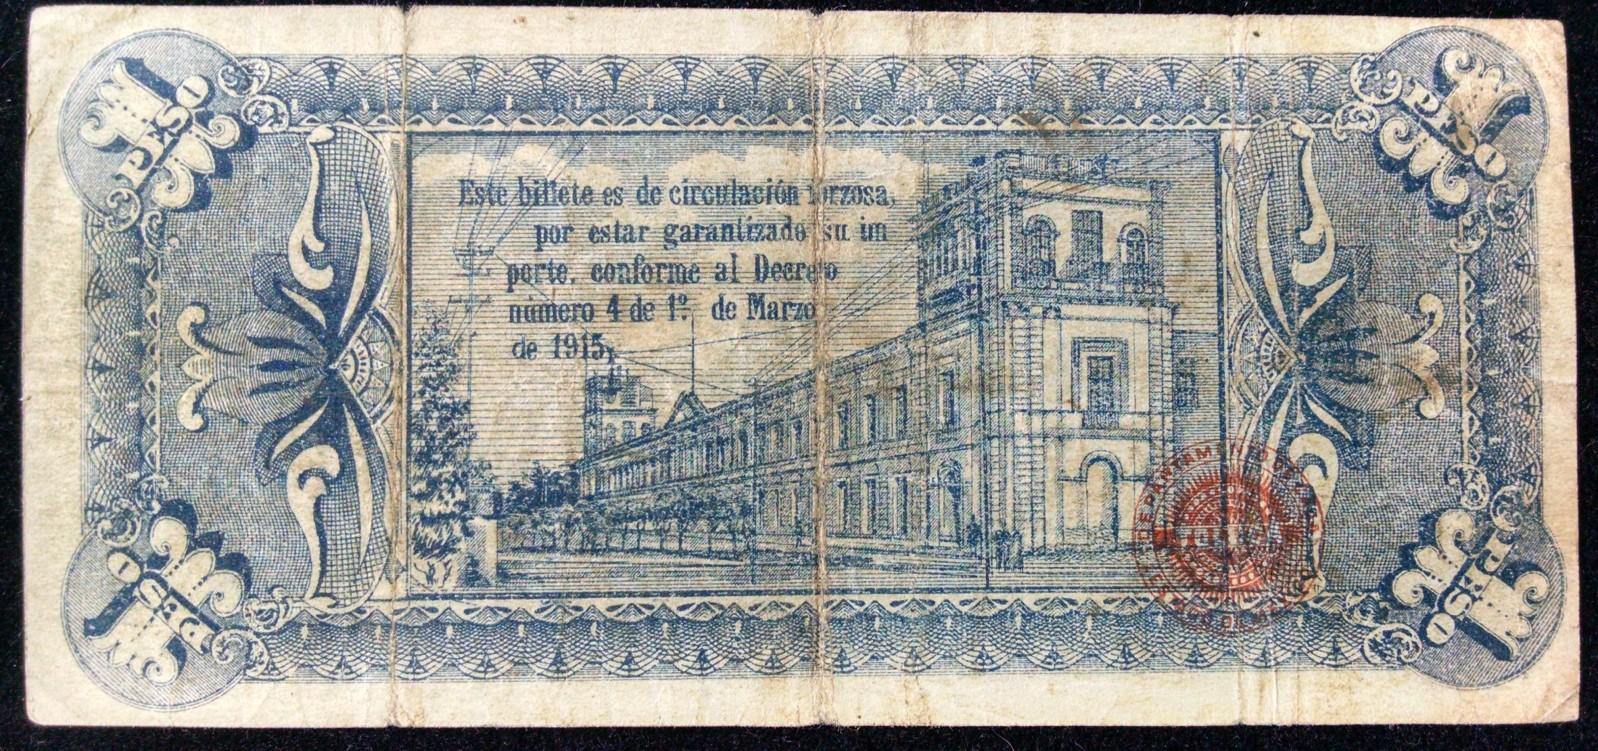 1 peso 1915 Mexico 5x7vq0